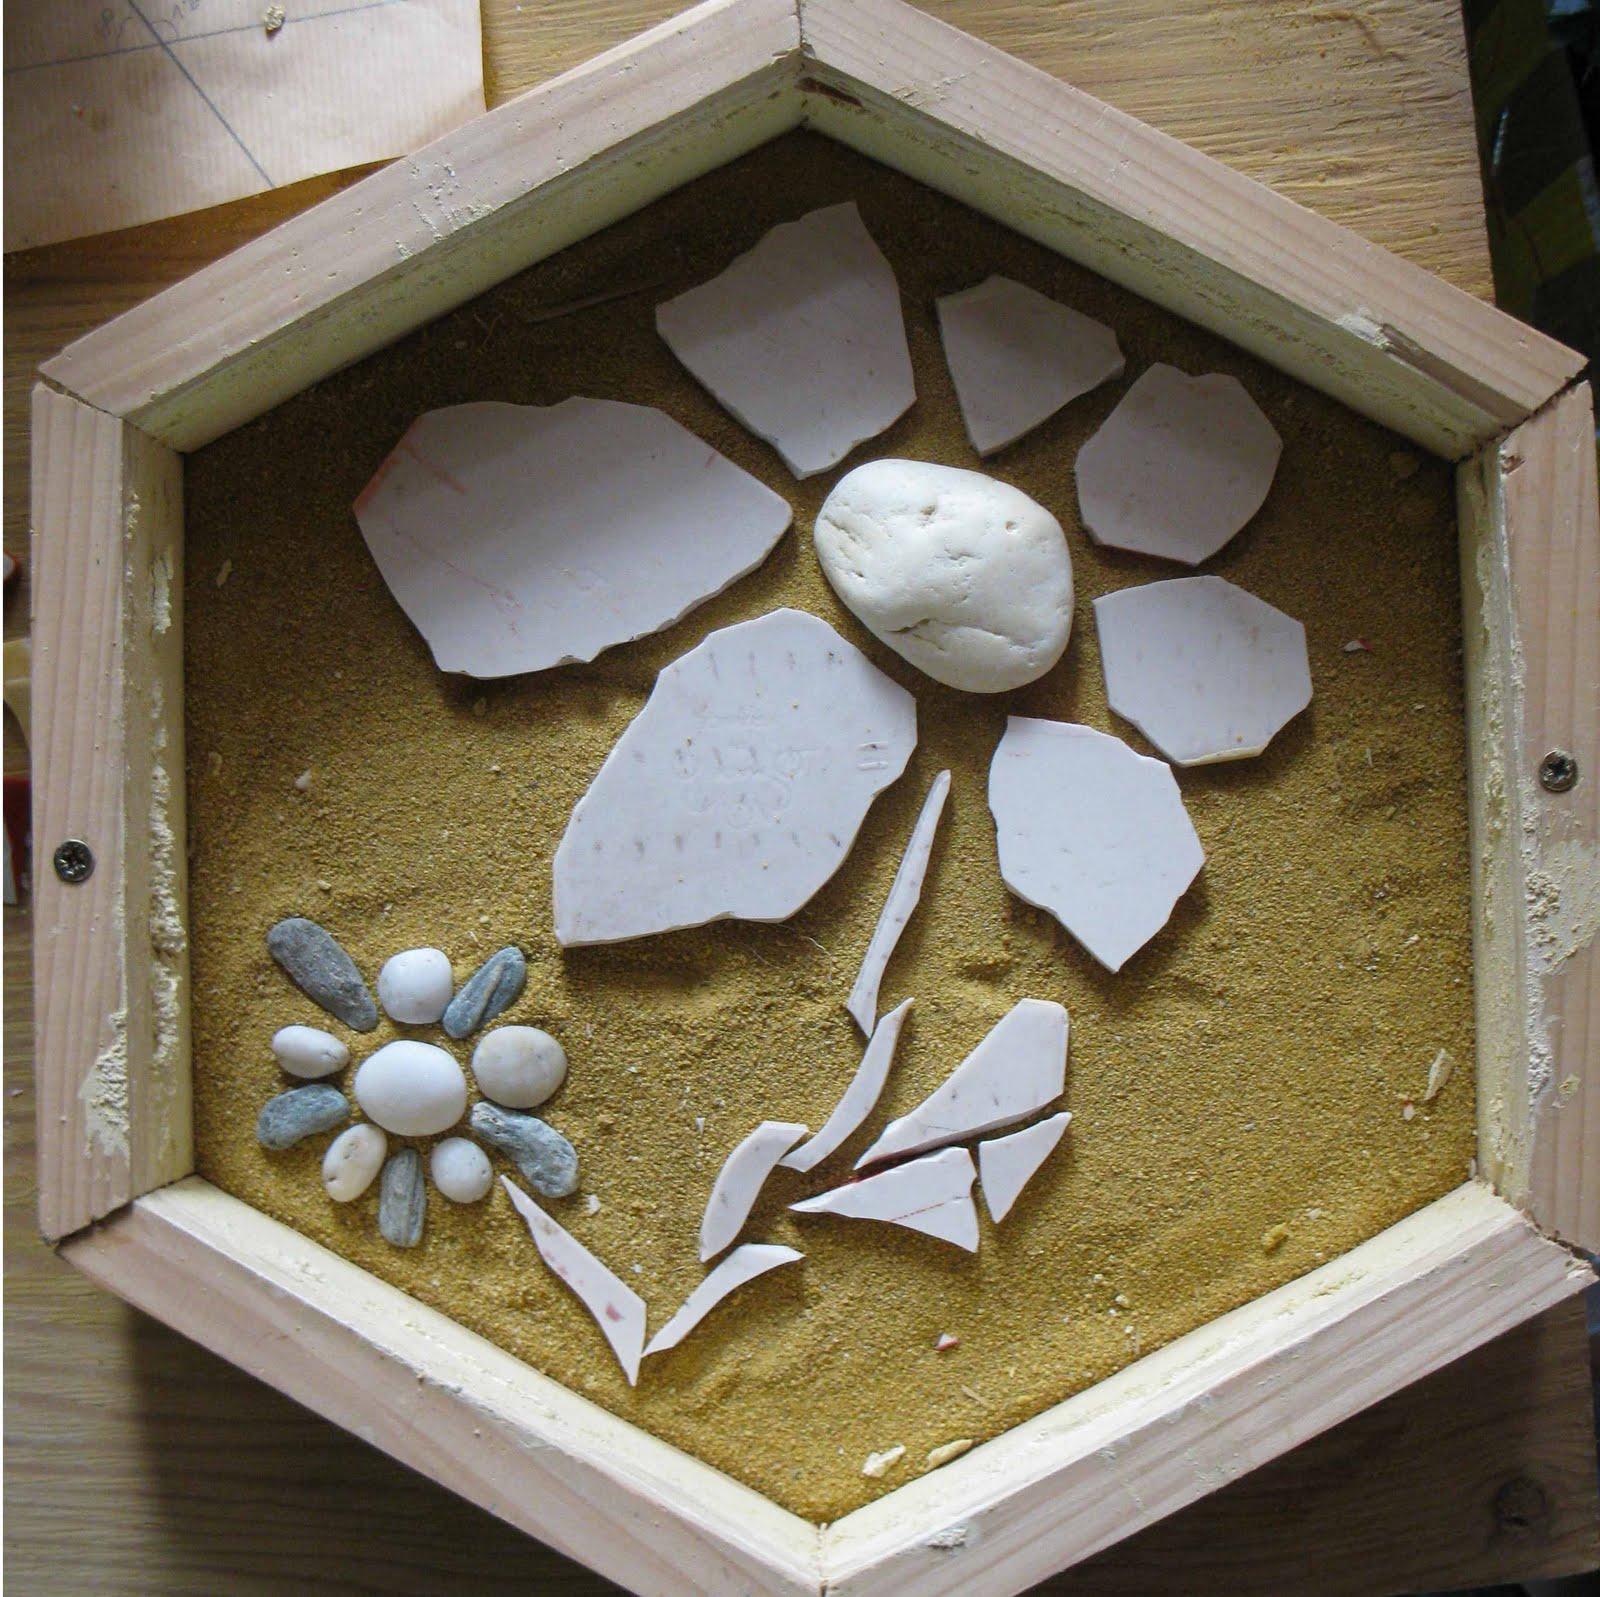 Amazing Fabriquer Des Pas Japonais #12: Mortier : 4 Doses De Sable Pour 1 Dose De Ciment Blanc, Et De Lu0027eau Jusquu0027à  Obtenir Une Texture Lisse Mais Pas Trop Humide